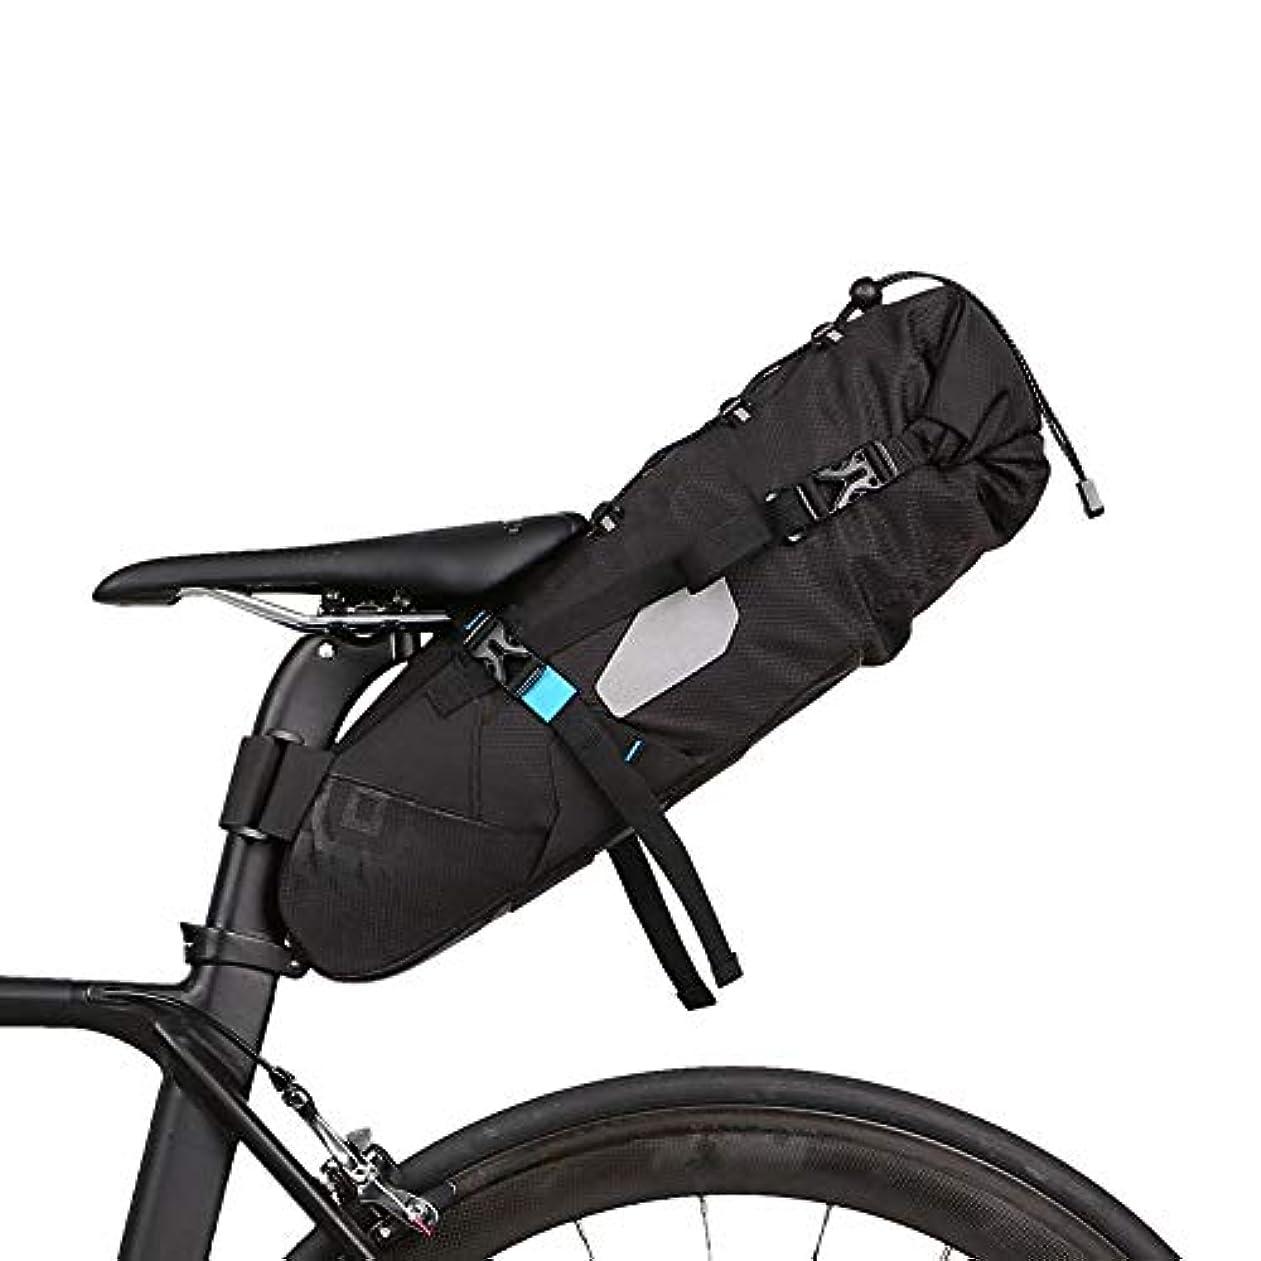 大惨事ローラーエントリ自転車シートパックバッグ ロードマウンテンバイク7L用自転車トランクバッグクイックリリースフレームバッグ 自転車サドルバッグ (Color : Black, Size : 40*14.5*11.5cm)